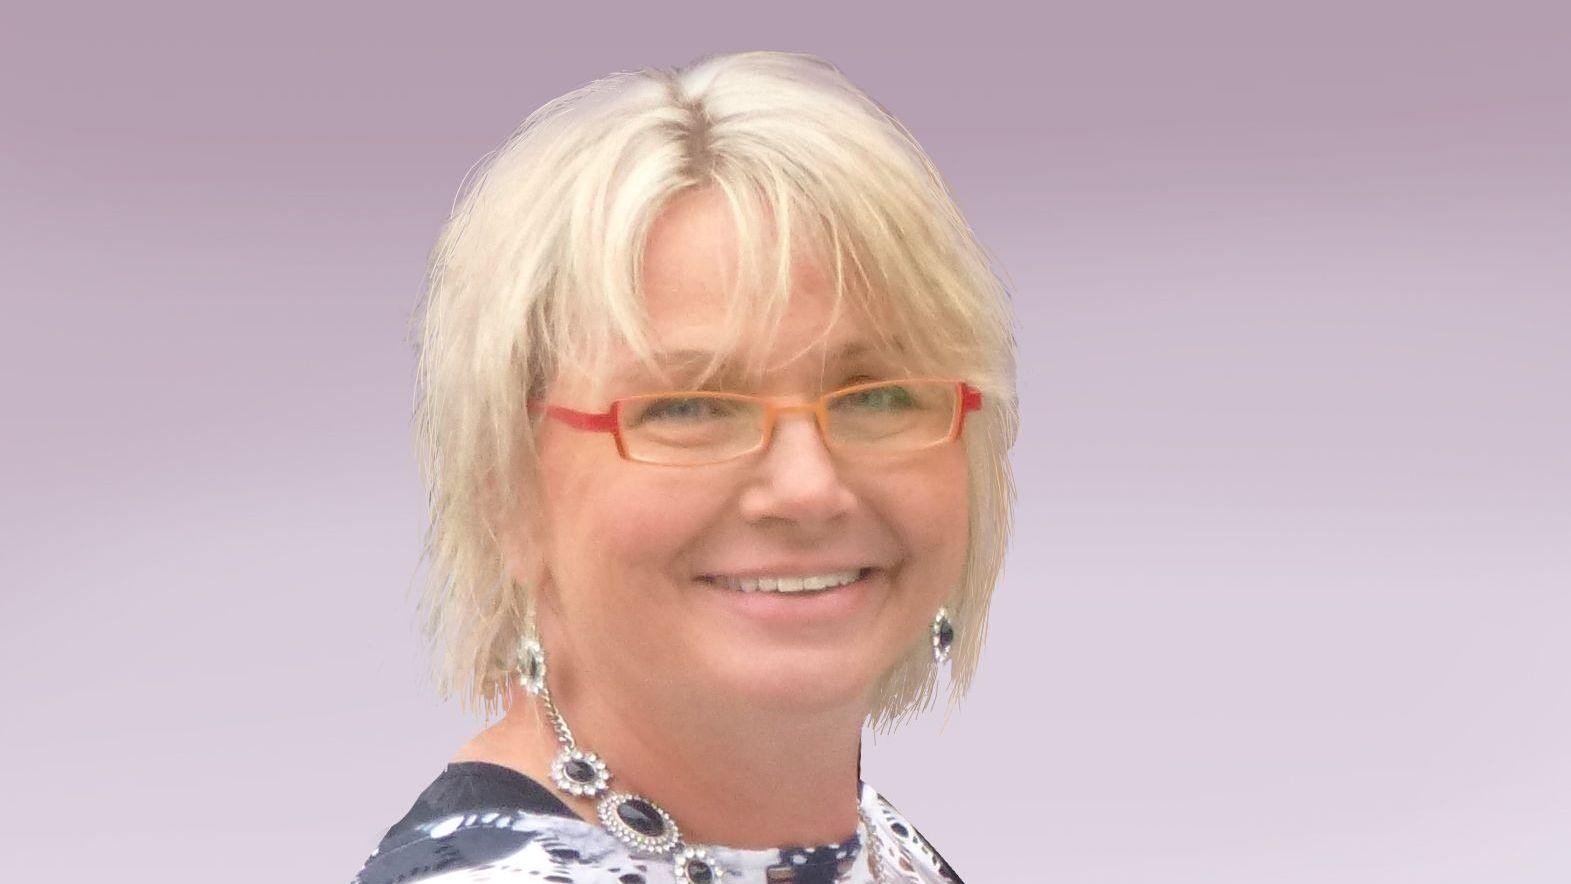 Vermisste Frau: Andrea Scherr aus Vohenstrauß